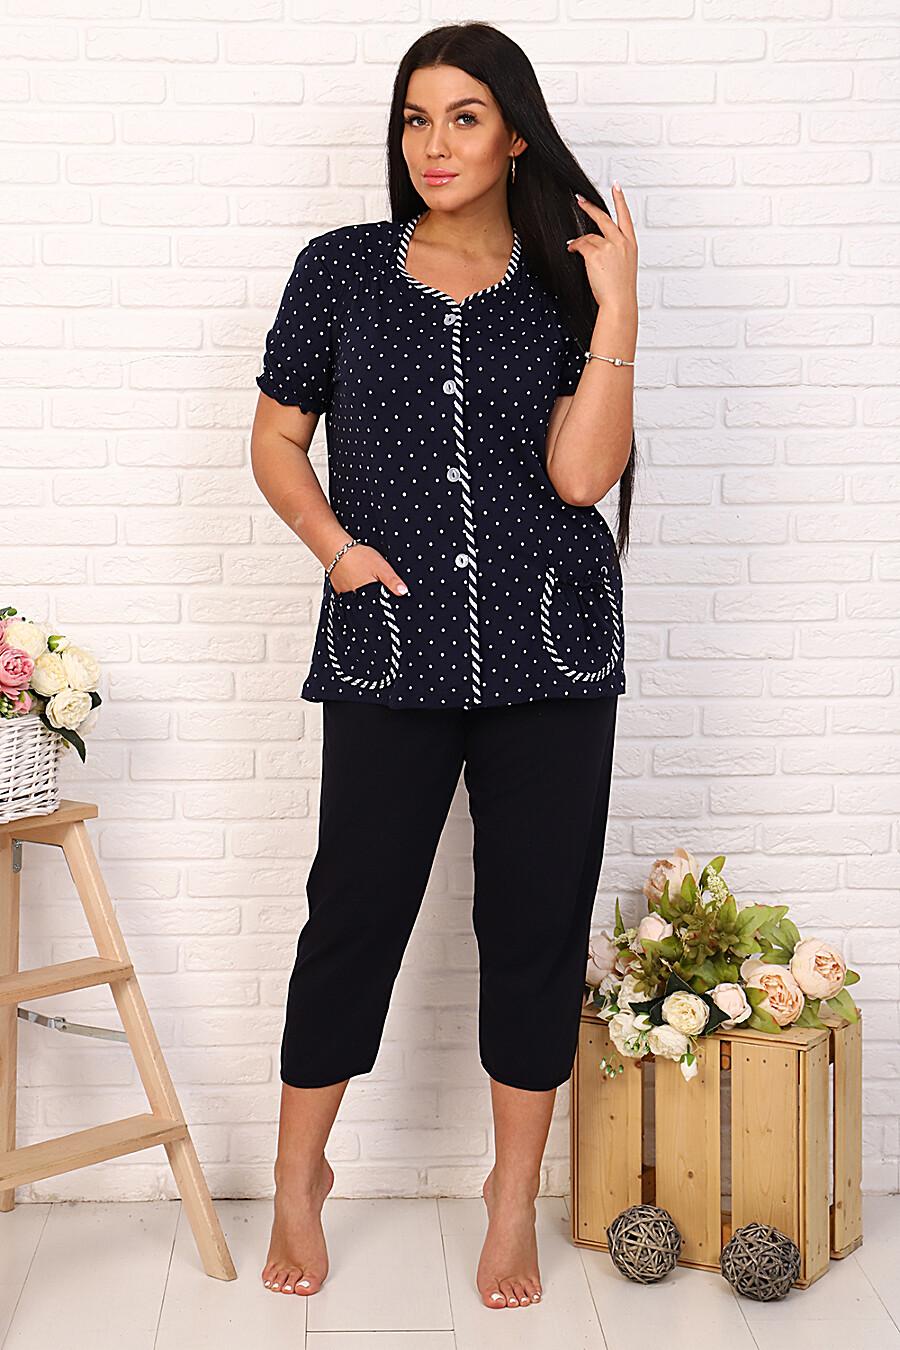 Костюм 4672 для женщин НАТАЛИ 649285 купить оптом от производителя. Совместная покупка женской одежды в OptMoyo